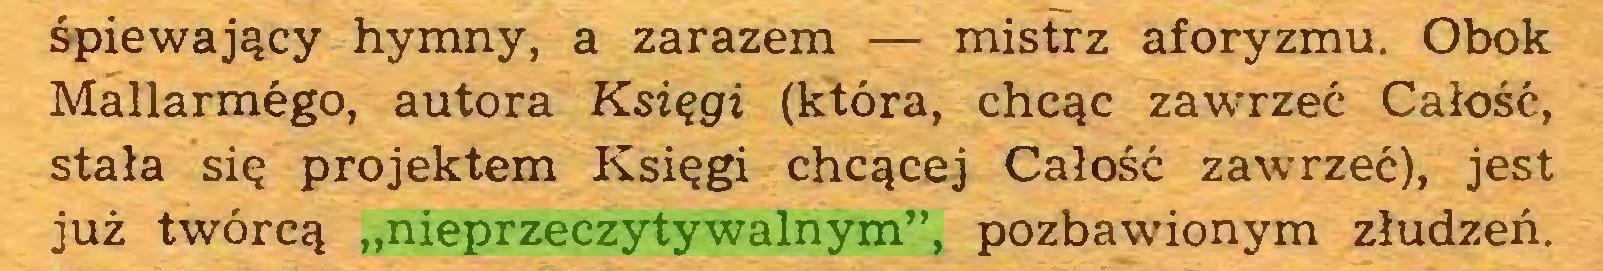 """(...) śpiewający hymny, a zarazem — mistrz aforyzmu. Obok Mallarmego, autora Księgi (która, chcąc zawrzeć Całość, stała się projektem Księgi chcącej Całość zawrzeć), jest już twórcą """"nieprzeczytywalnym"""", pozbawionym złudzeń..."""